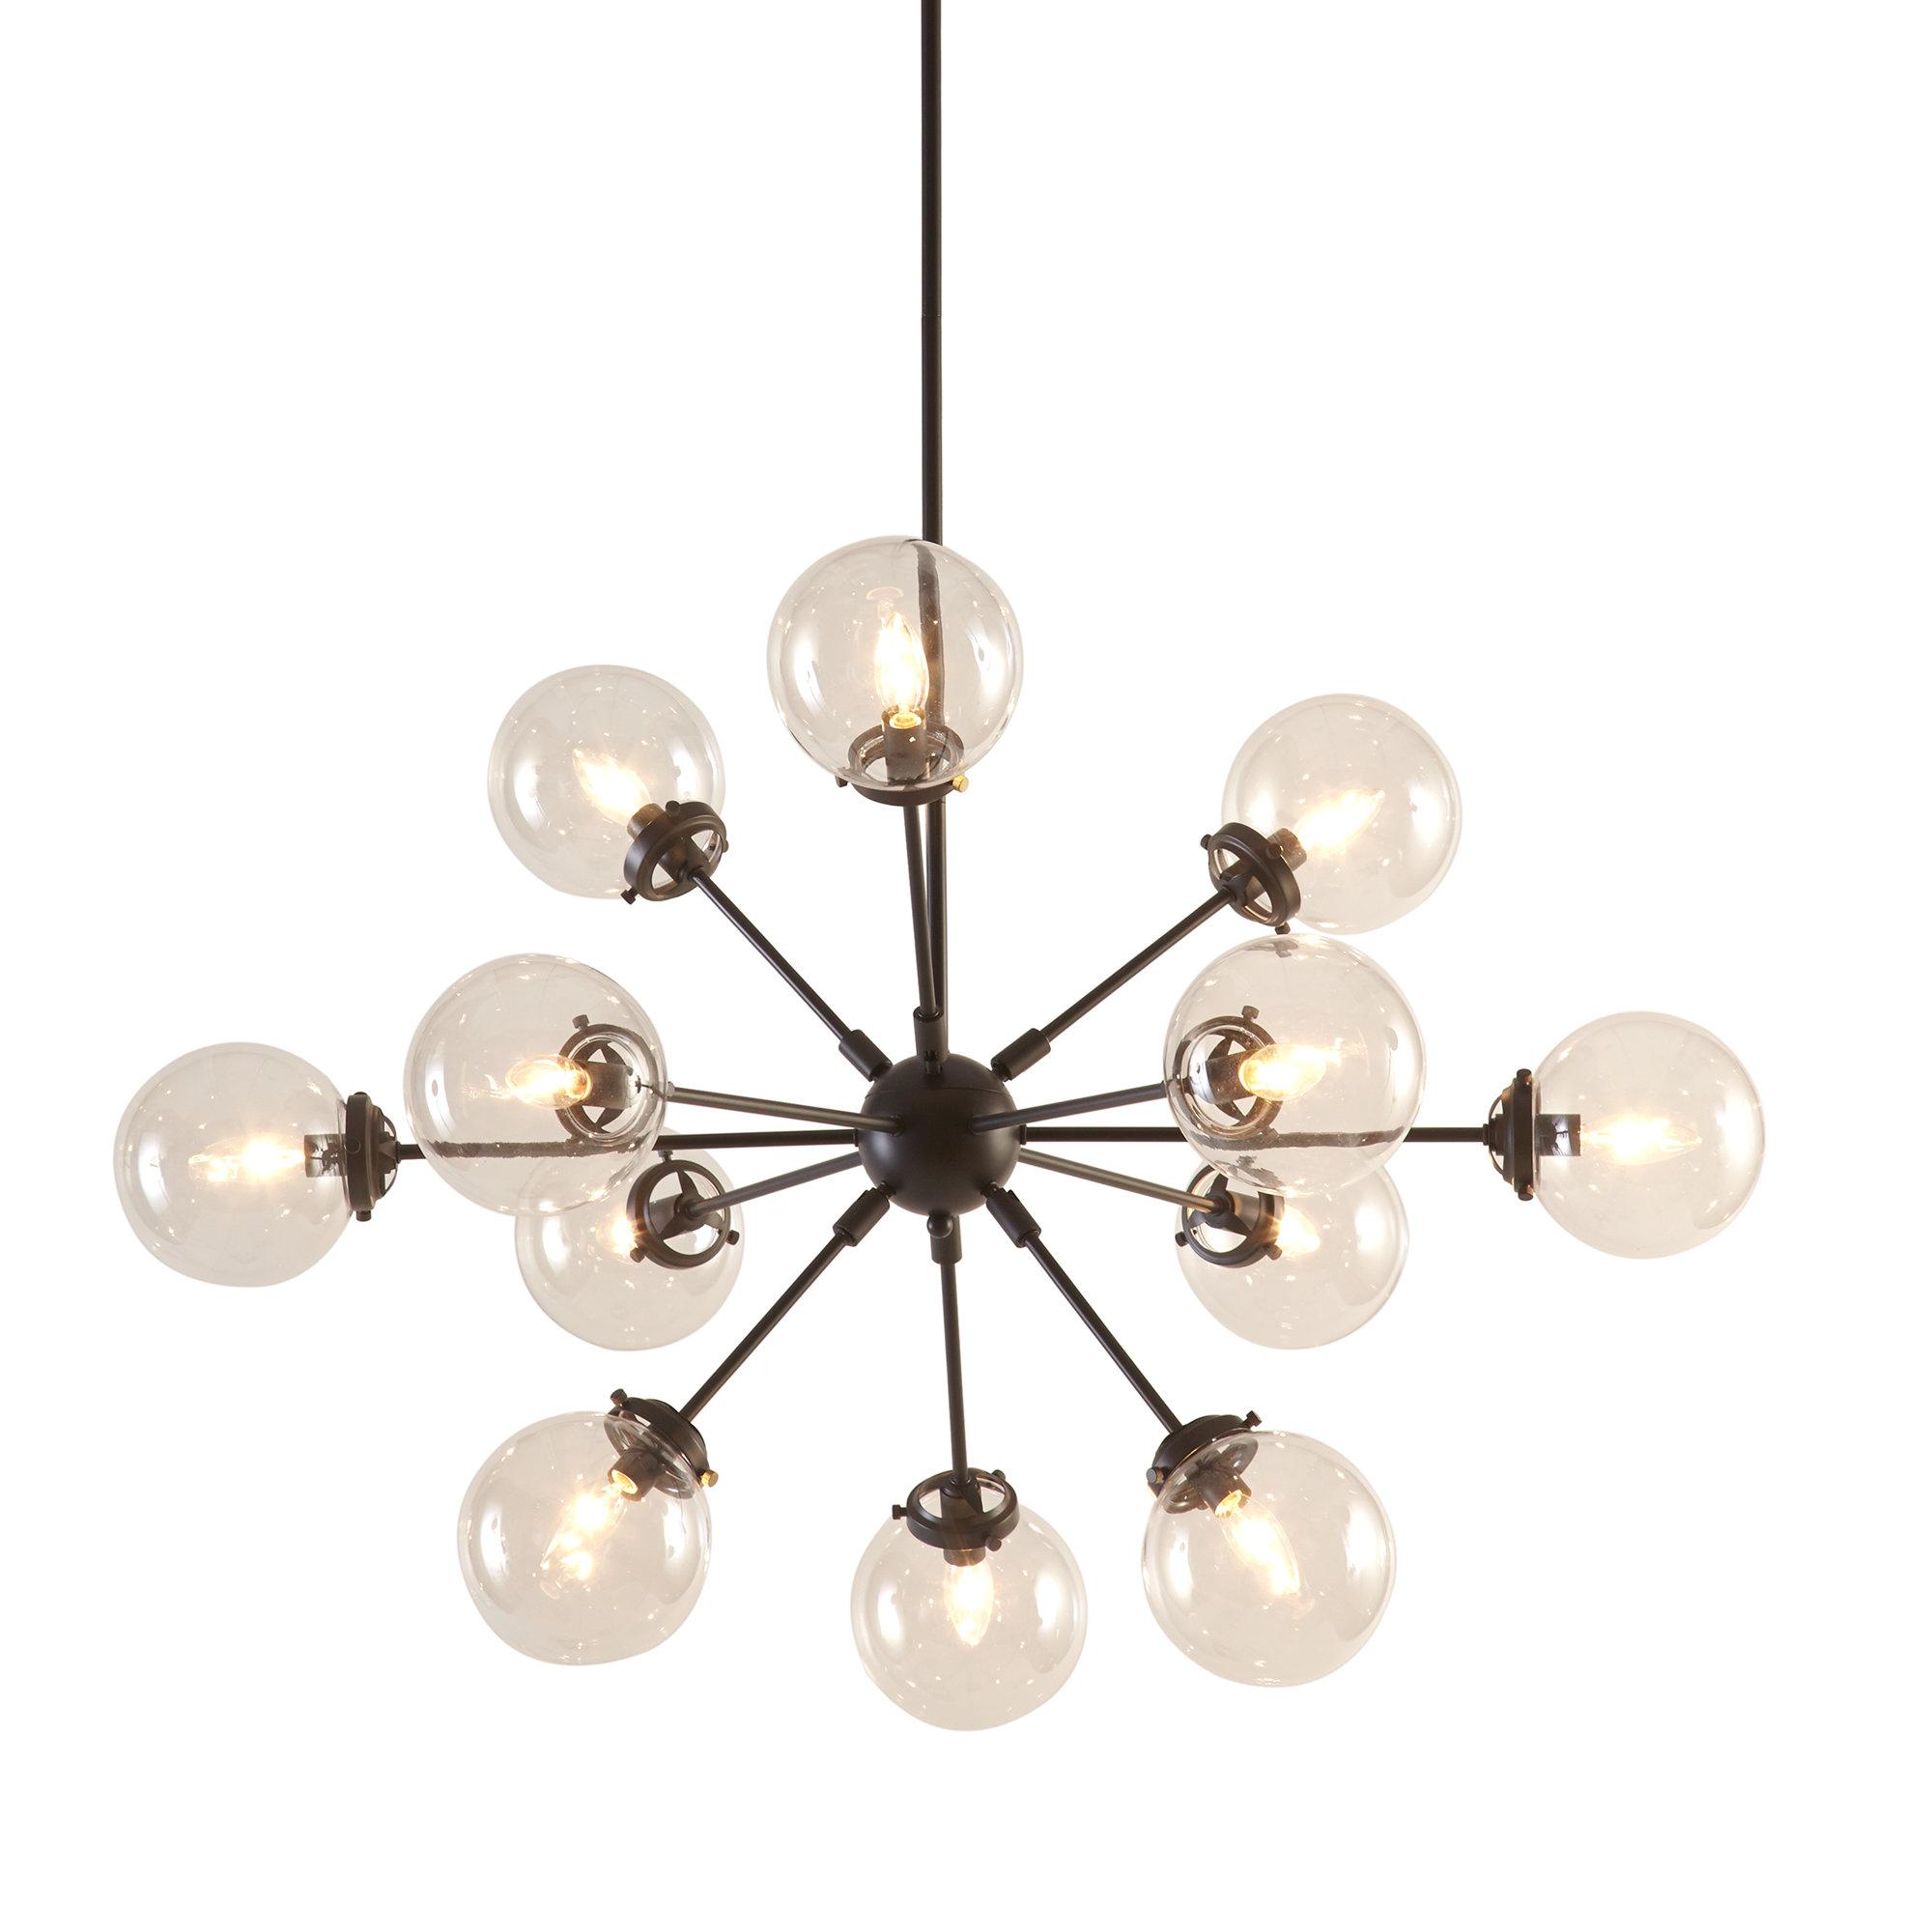 Bacchus 12-Light Sputnik Chandeliers with regard to Most Current Langley Street Benites 12-Light Sputnik Chandelier